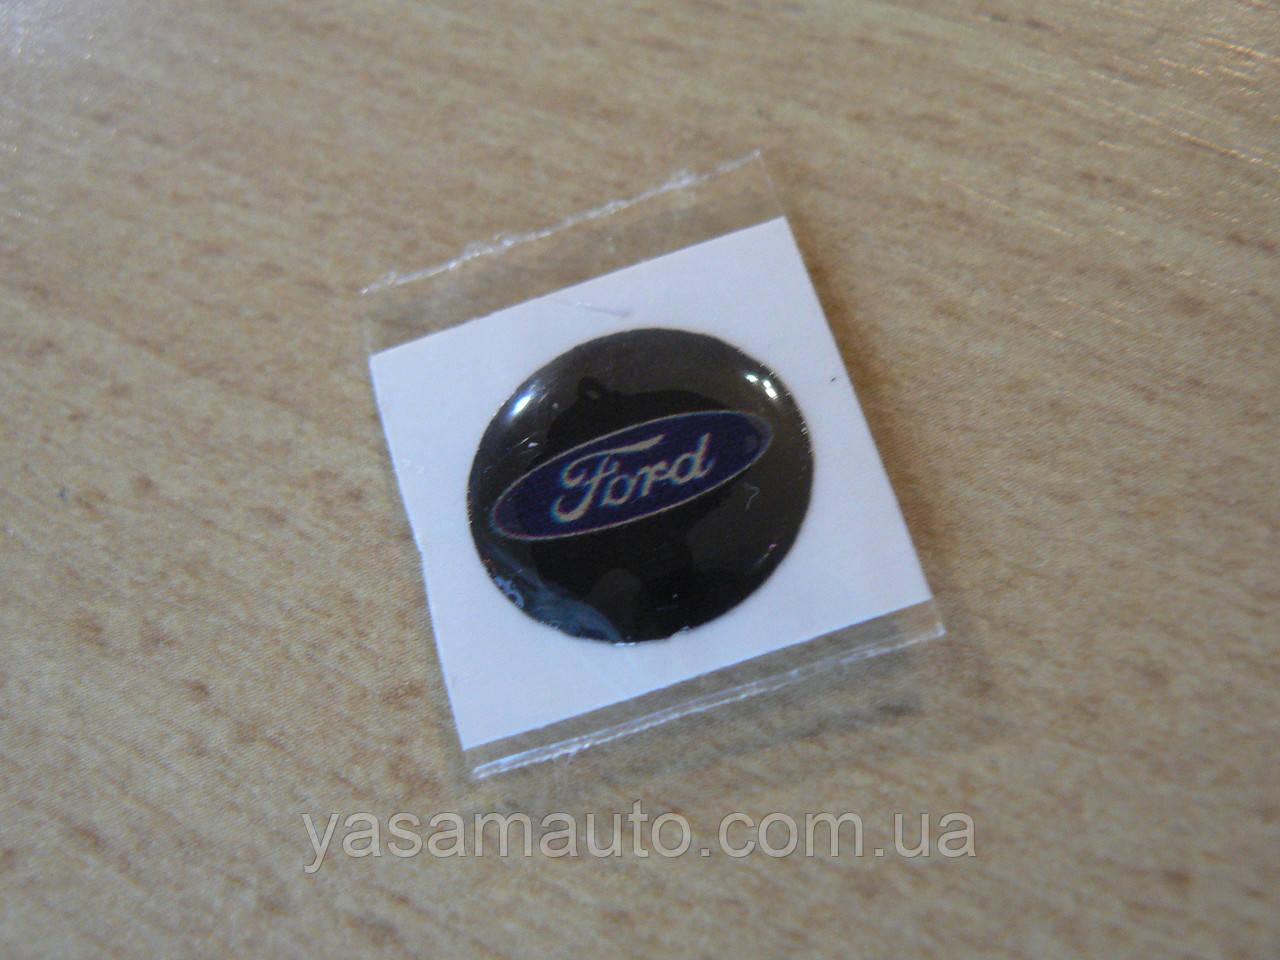 Наклейка s круглая Ford 12х12х1.0мм силиконовая эмблема в круге на авто Форд на черном фоне ключи сигнализацию